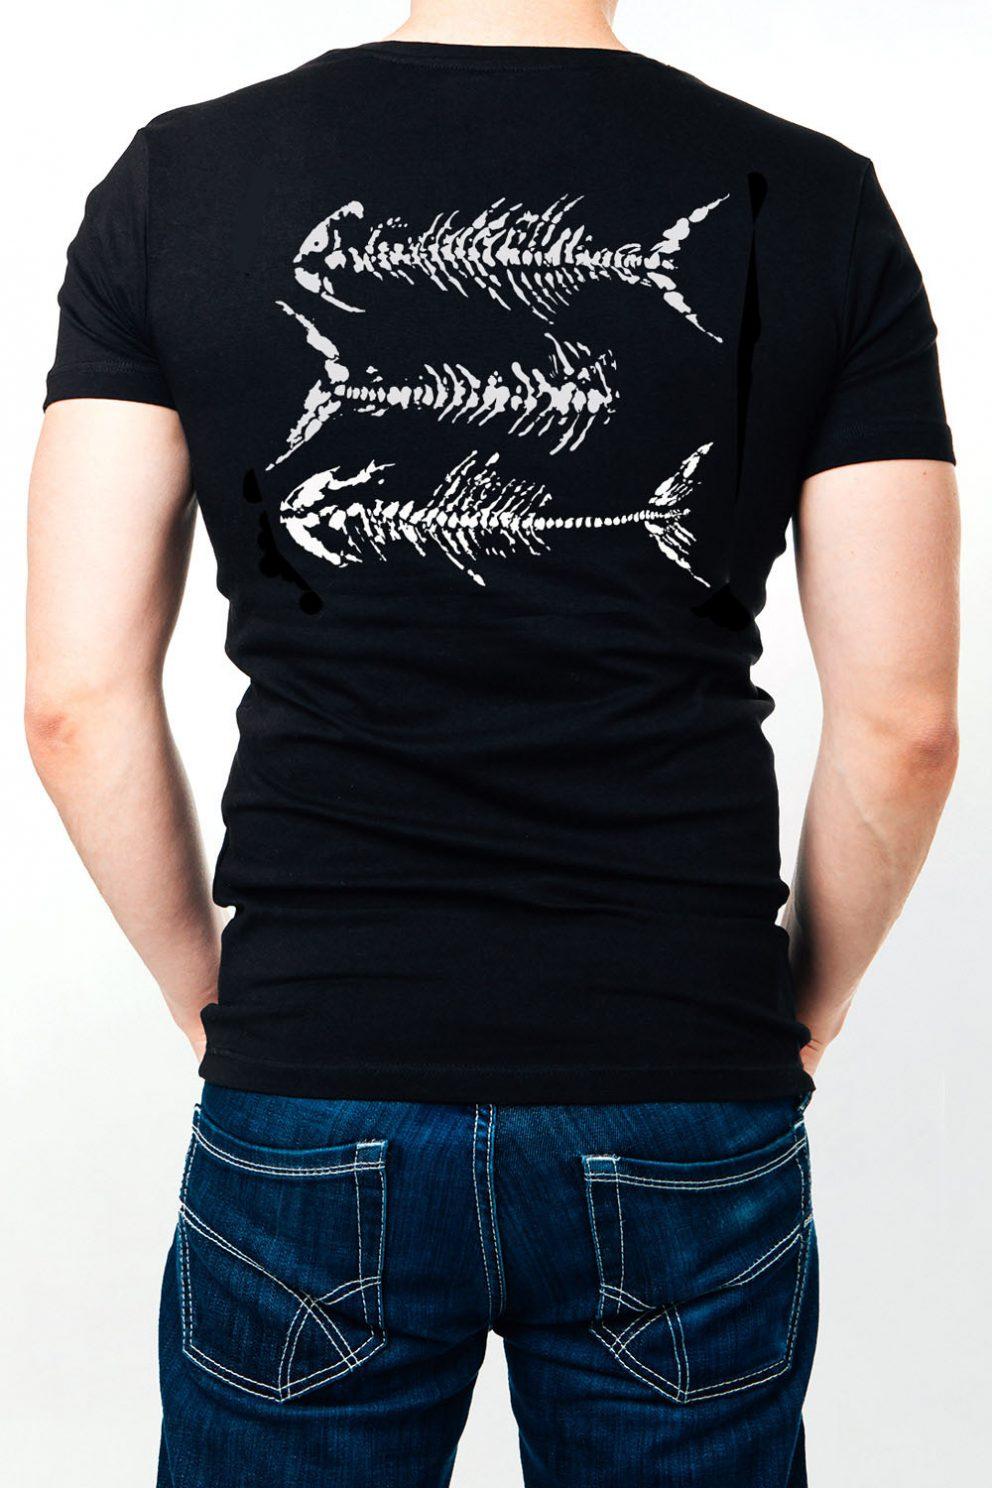 Kyst-shirt Alesund West T-shirt